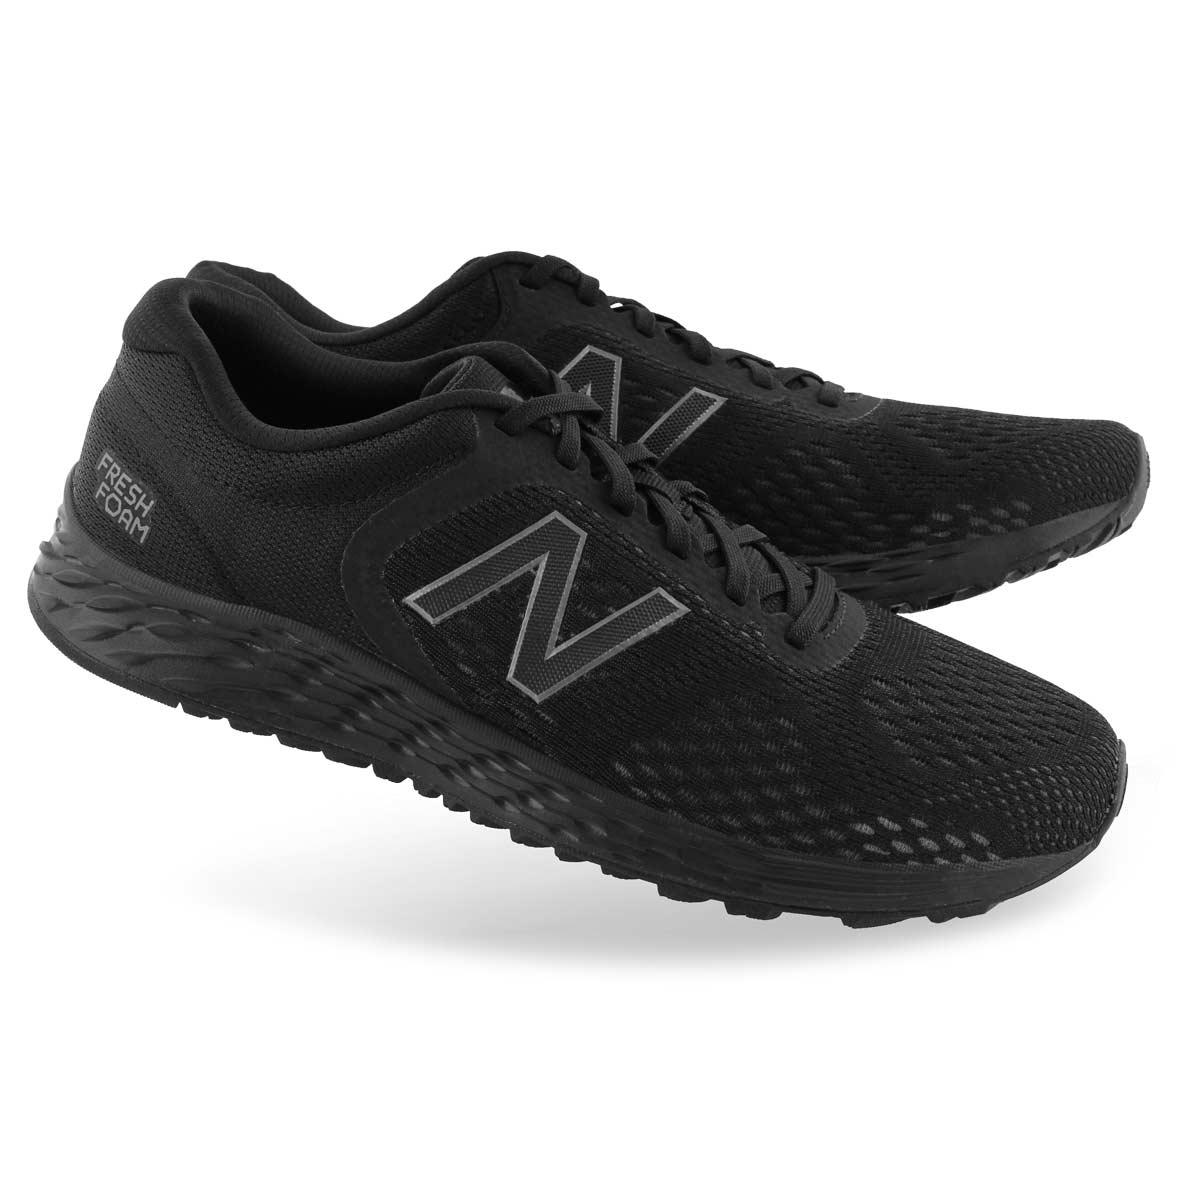 Mns Arishi v2 black/black sneaker